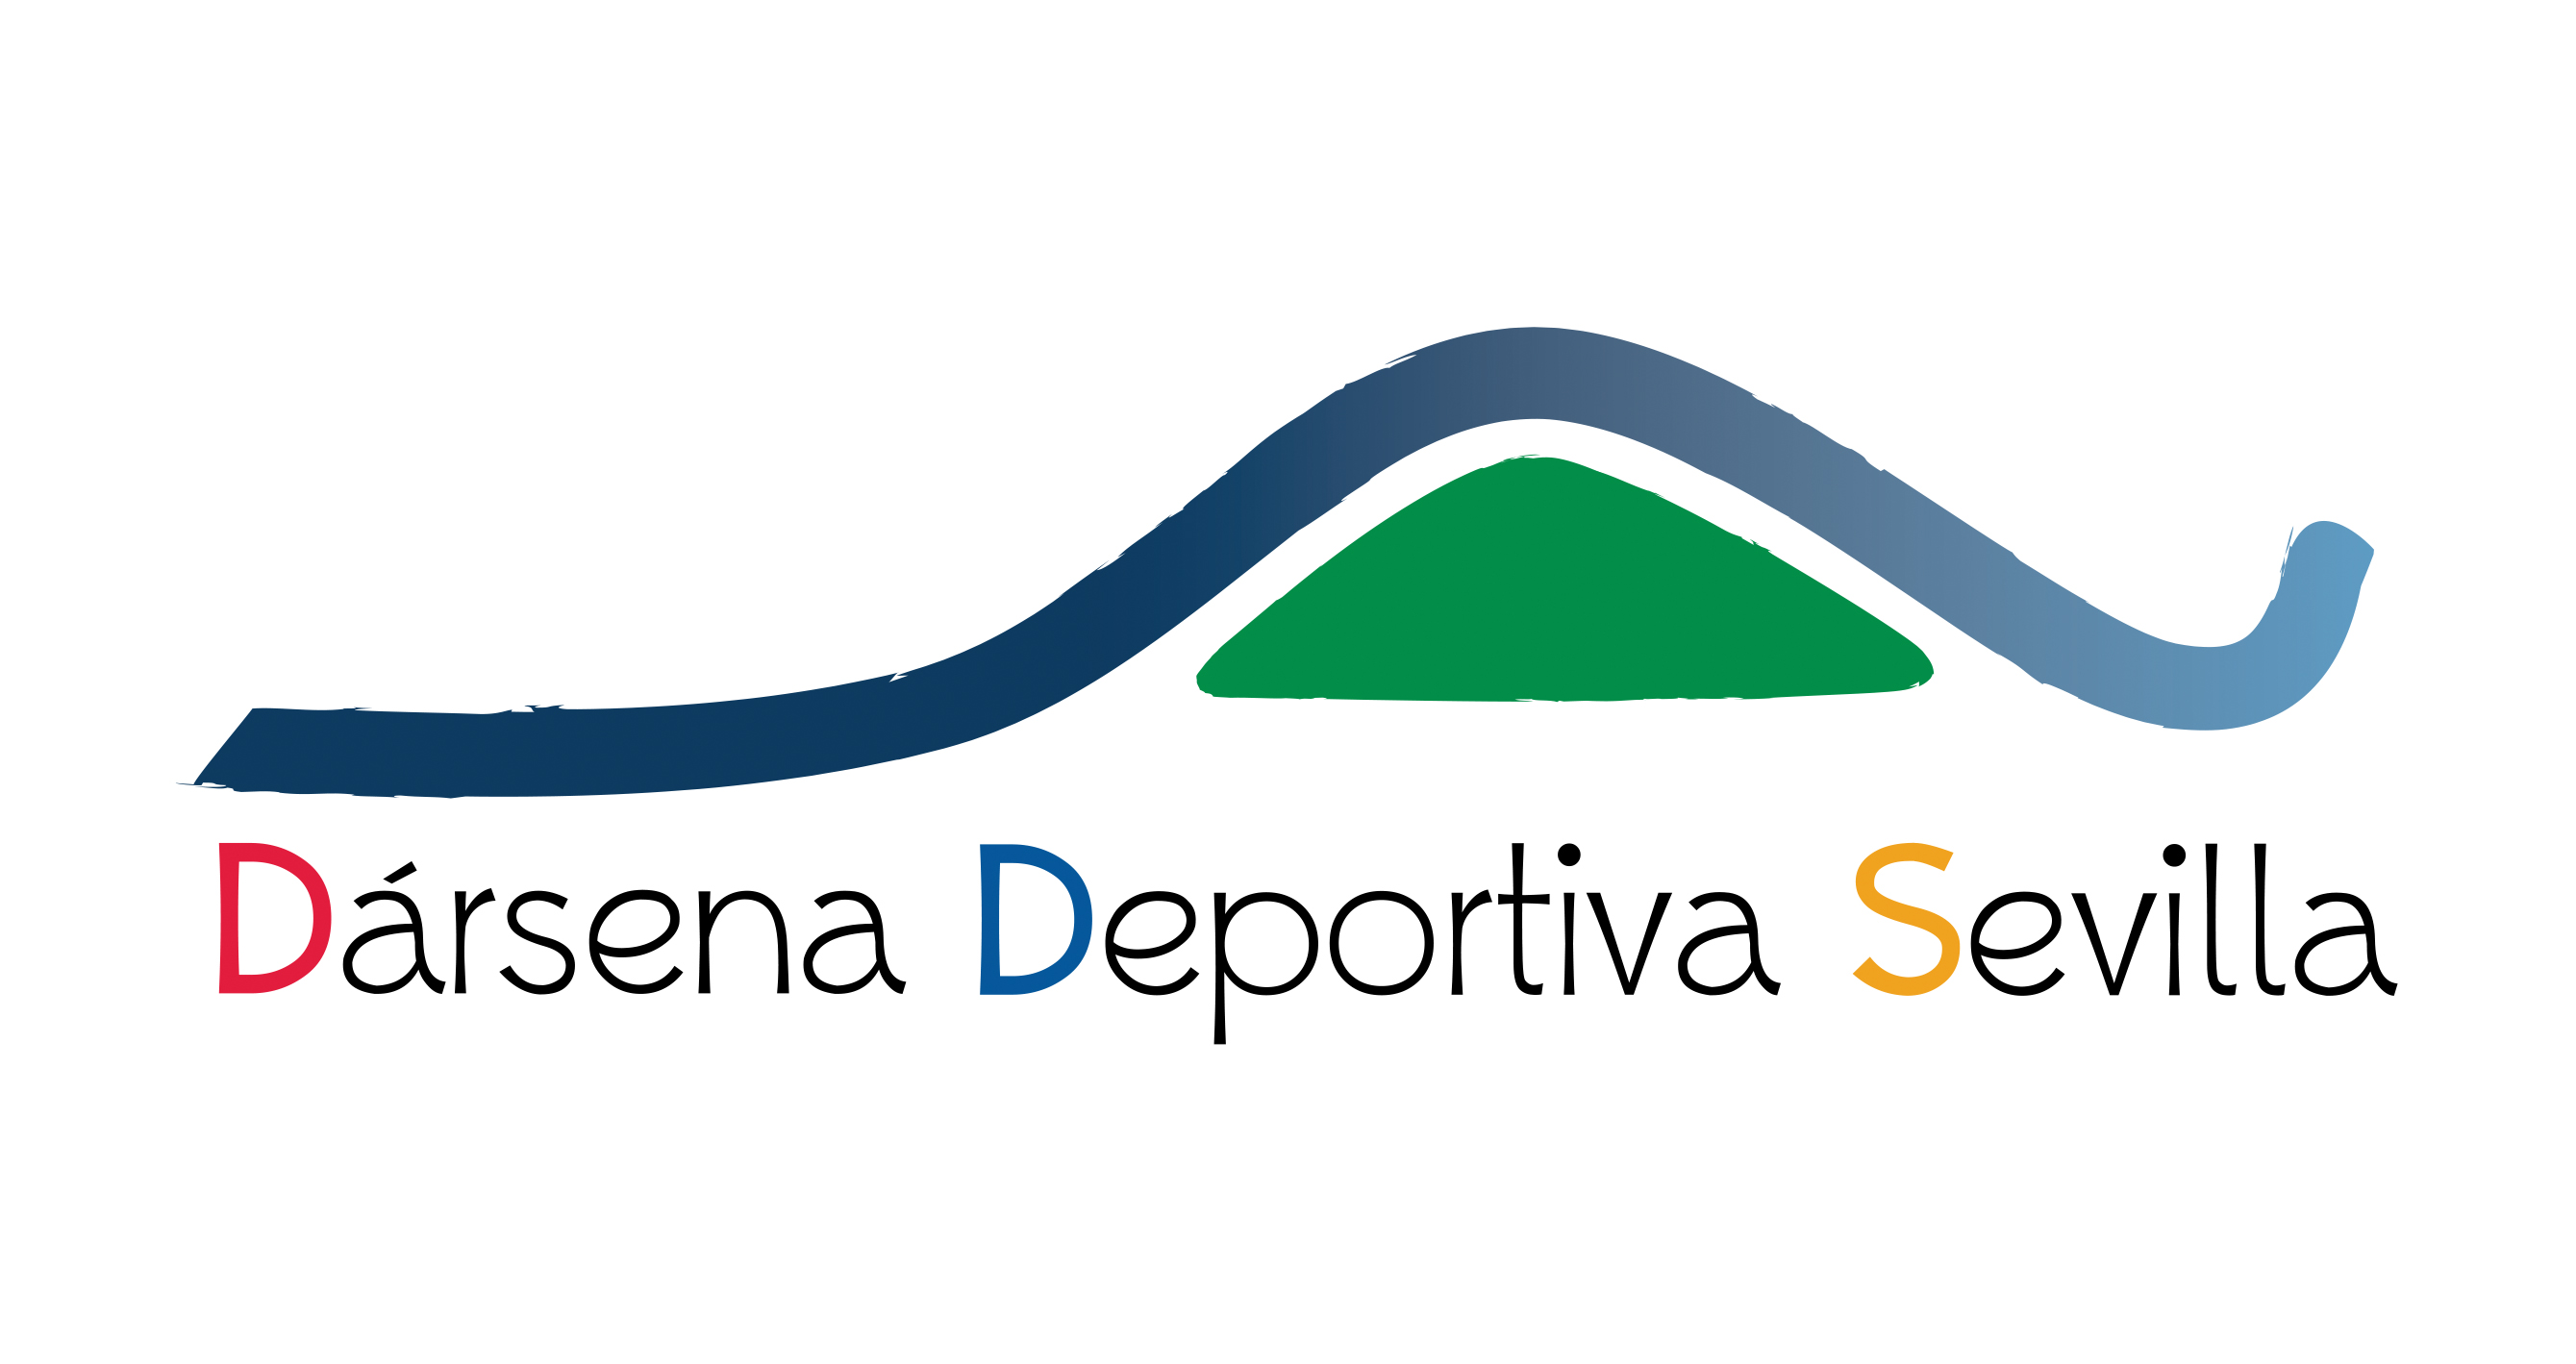 Darsena Deportiva Sevilla